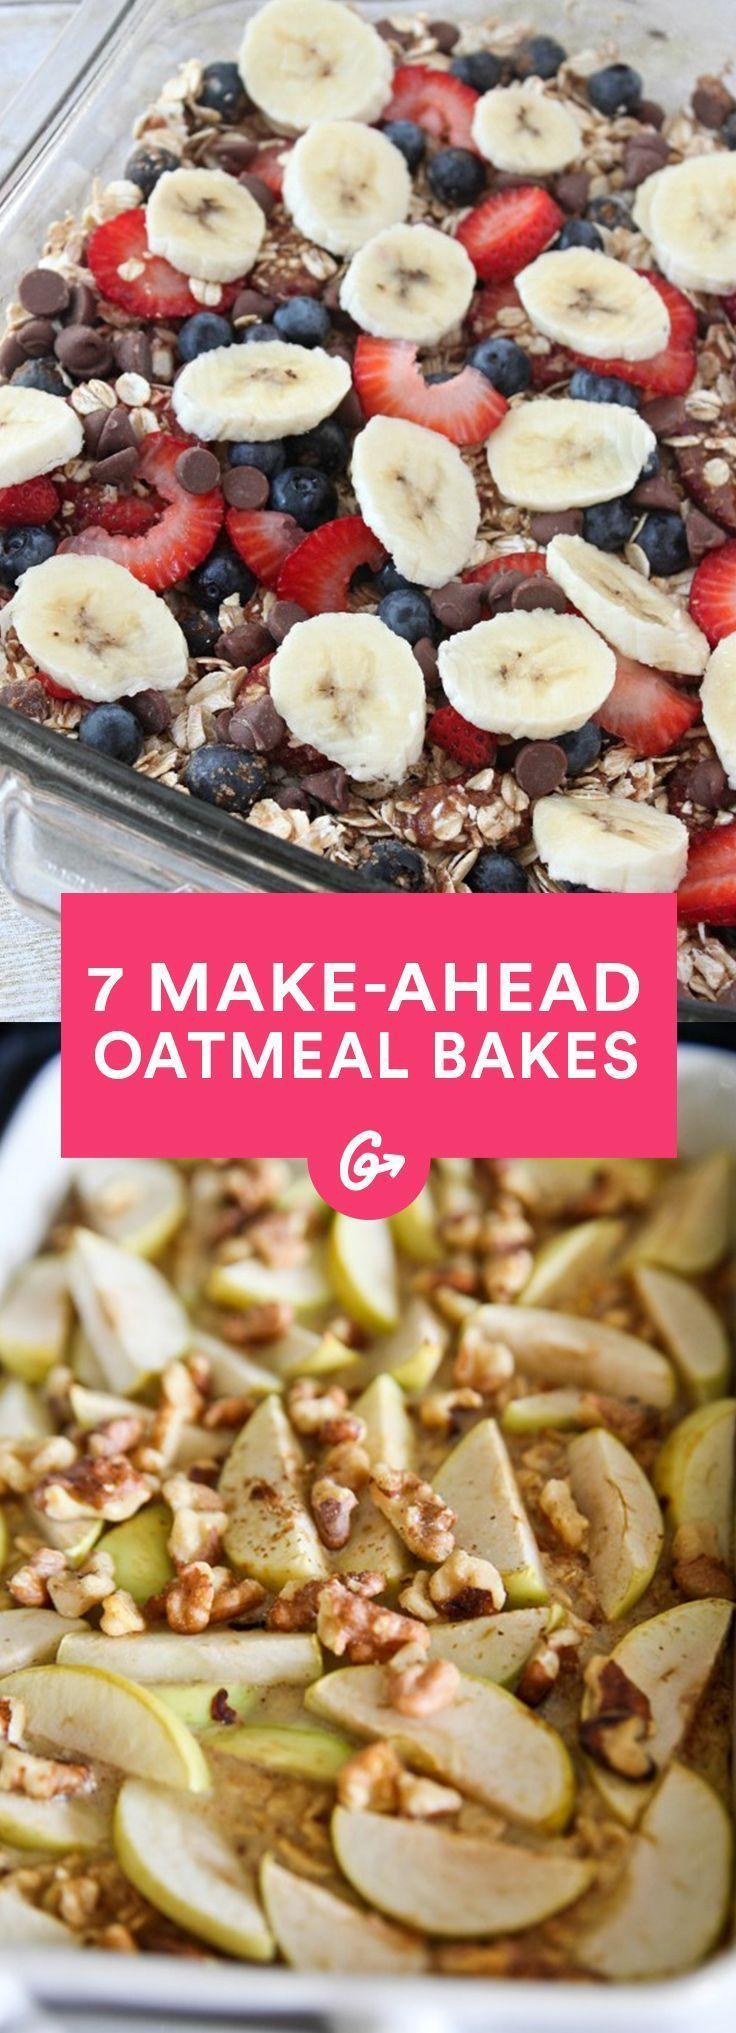 Perfect Healthy Breakfast  Best 20 Make ahead breakfast ideas on Pinterest